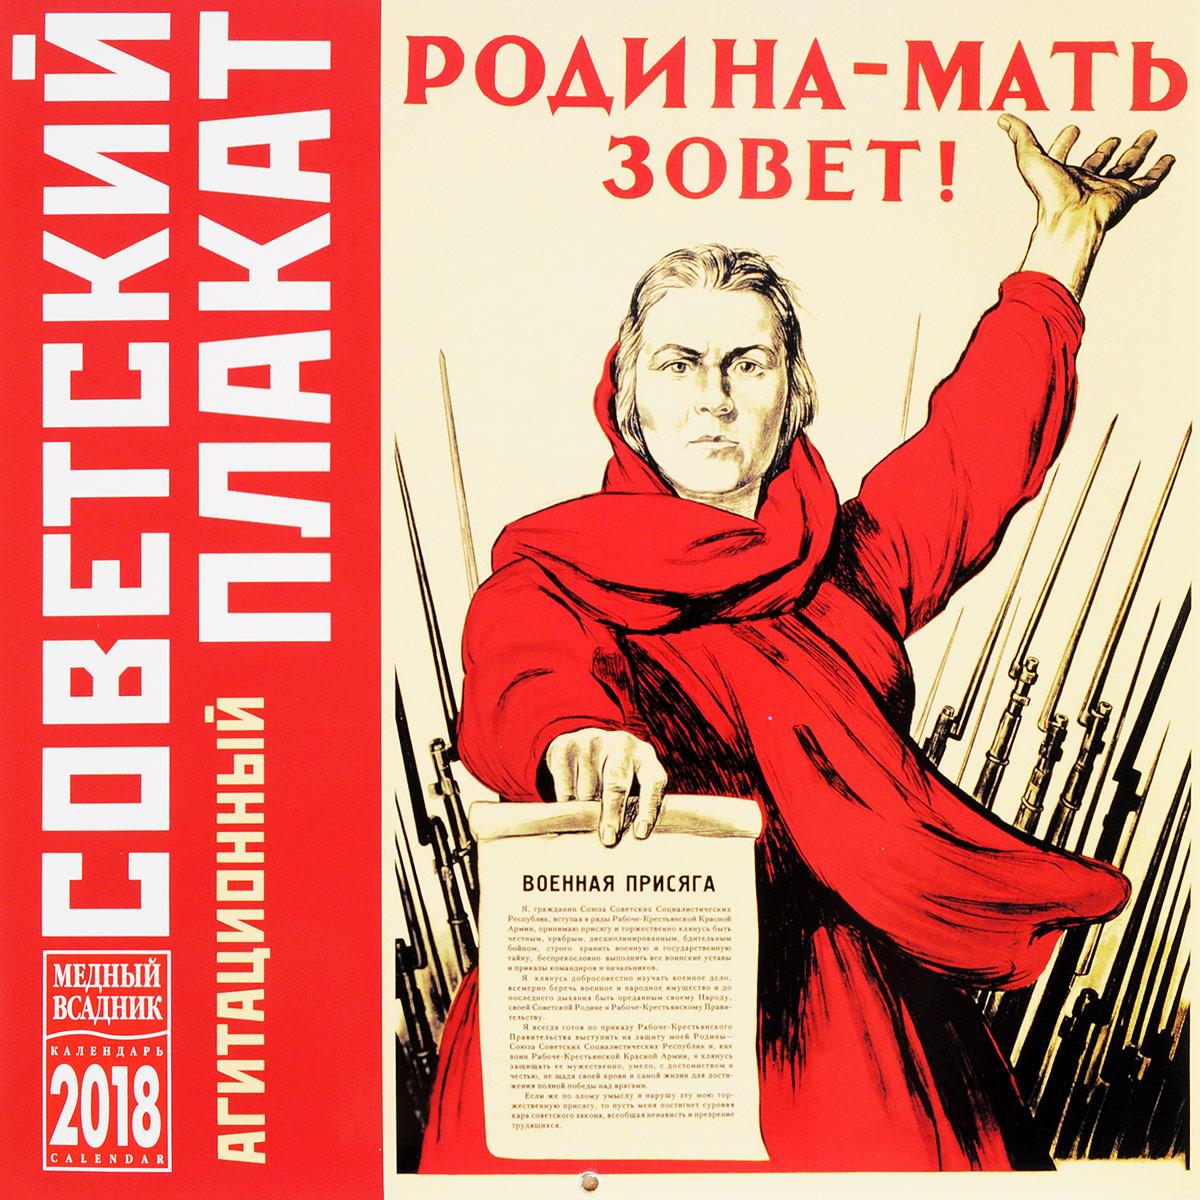 картинки советские с призывами ведь нас